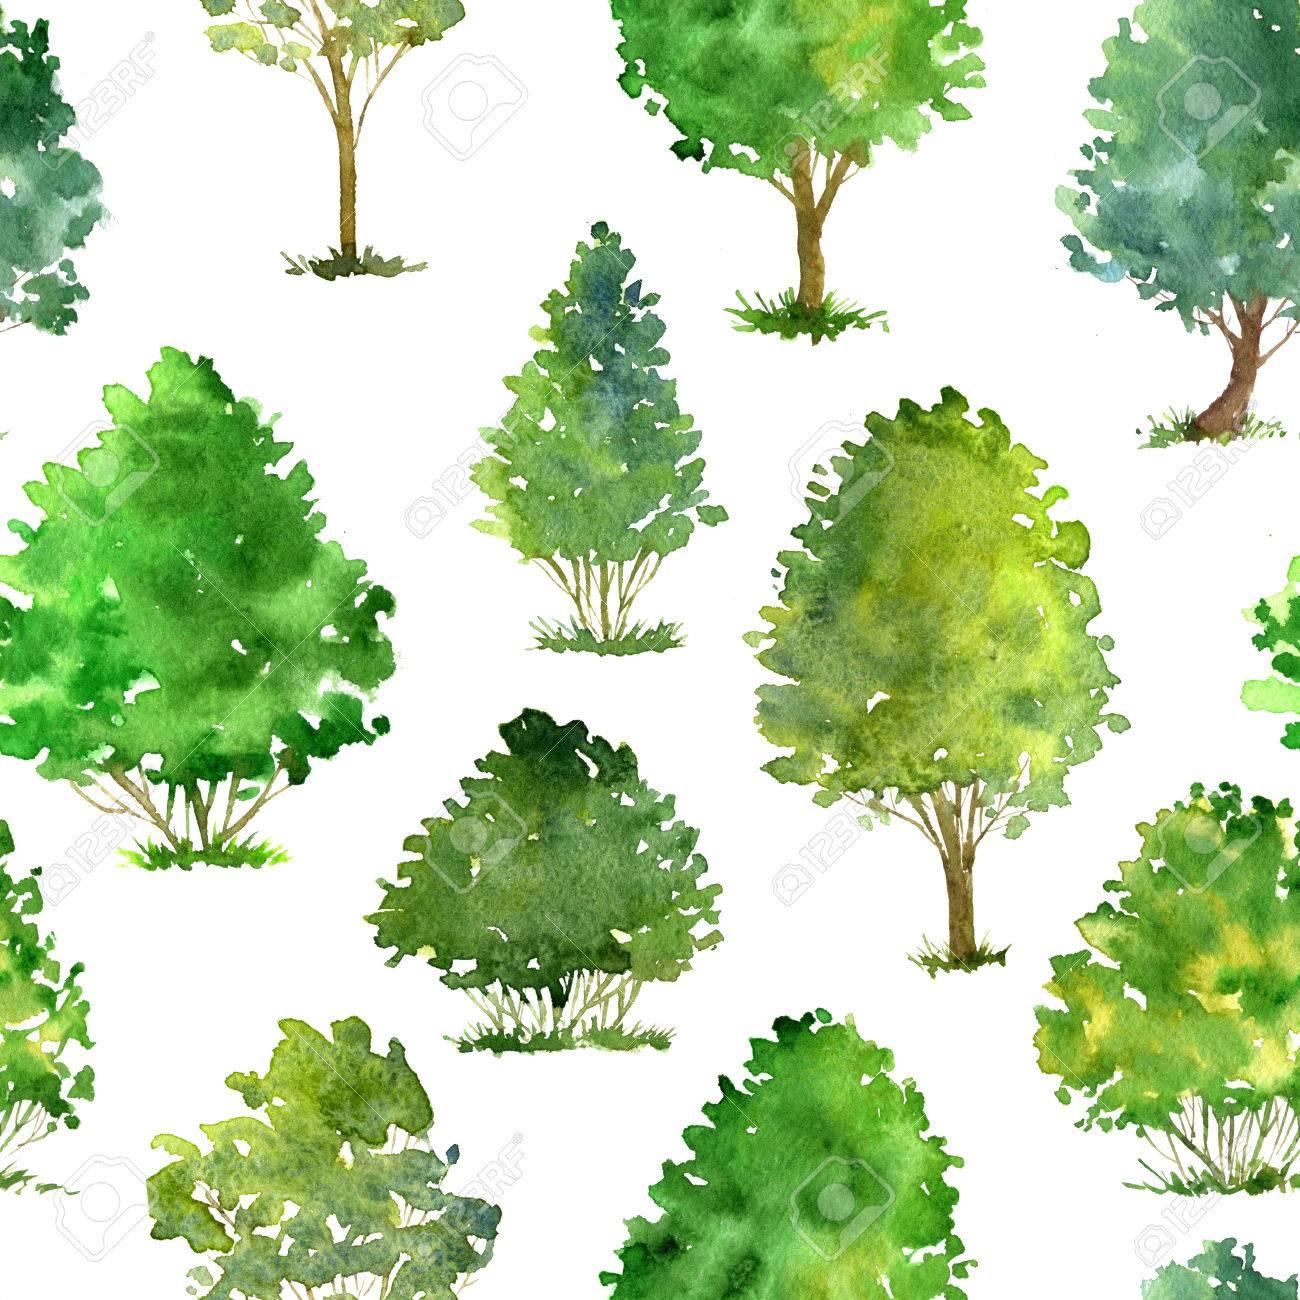 Sin Patrón Con árboles De Dibujo De La Acuarela Y La Hierba